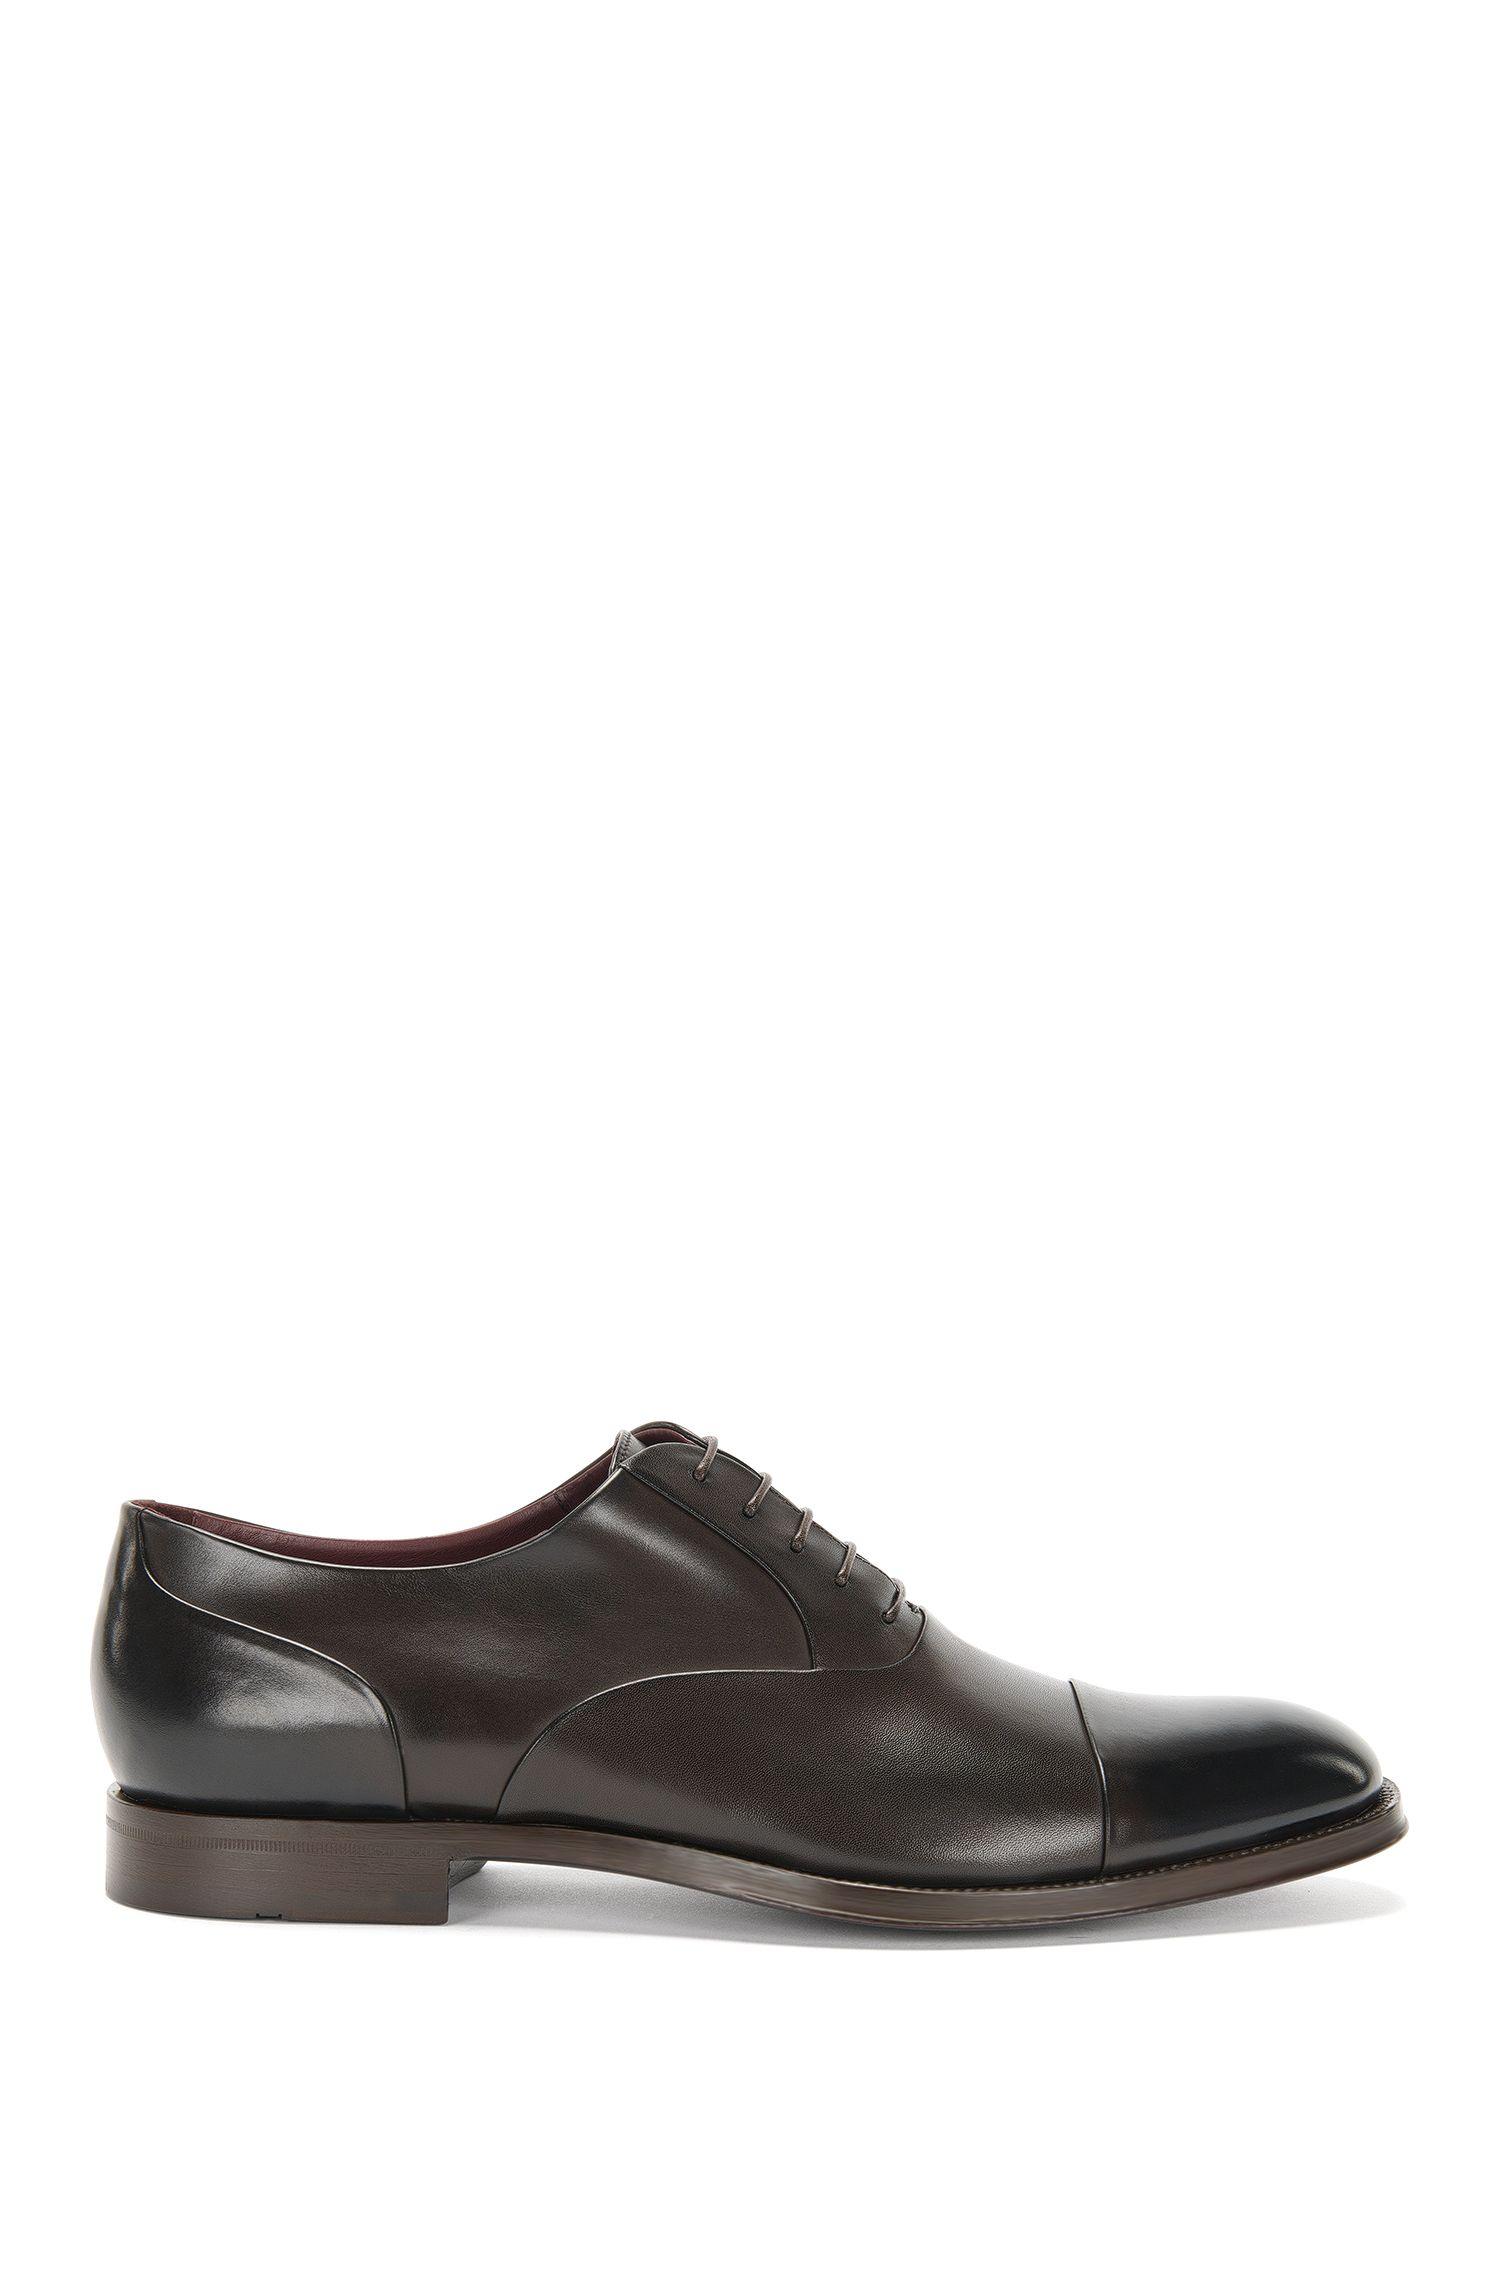 Tailored Schnürschuhe aus Leder: 'T-Sartoria_Oxfr_ltct'